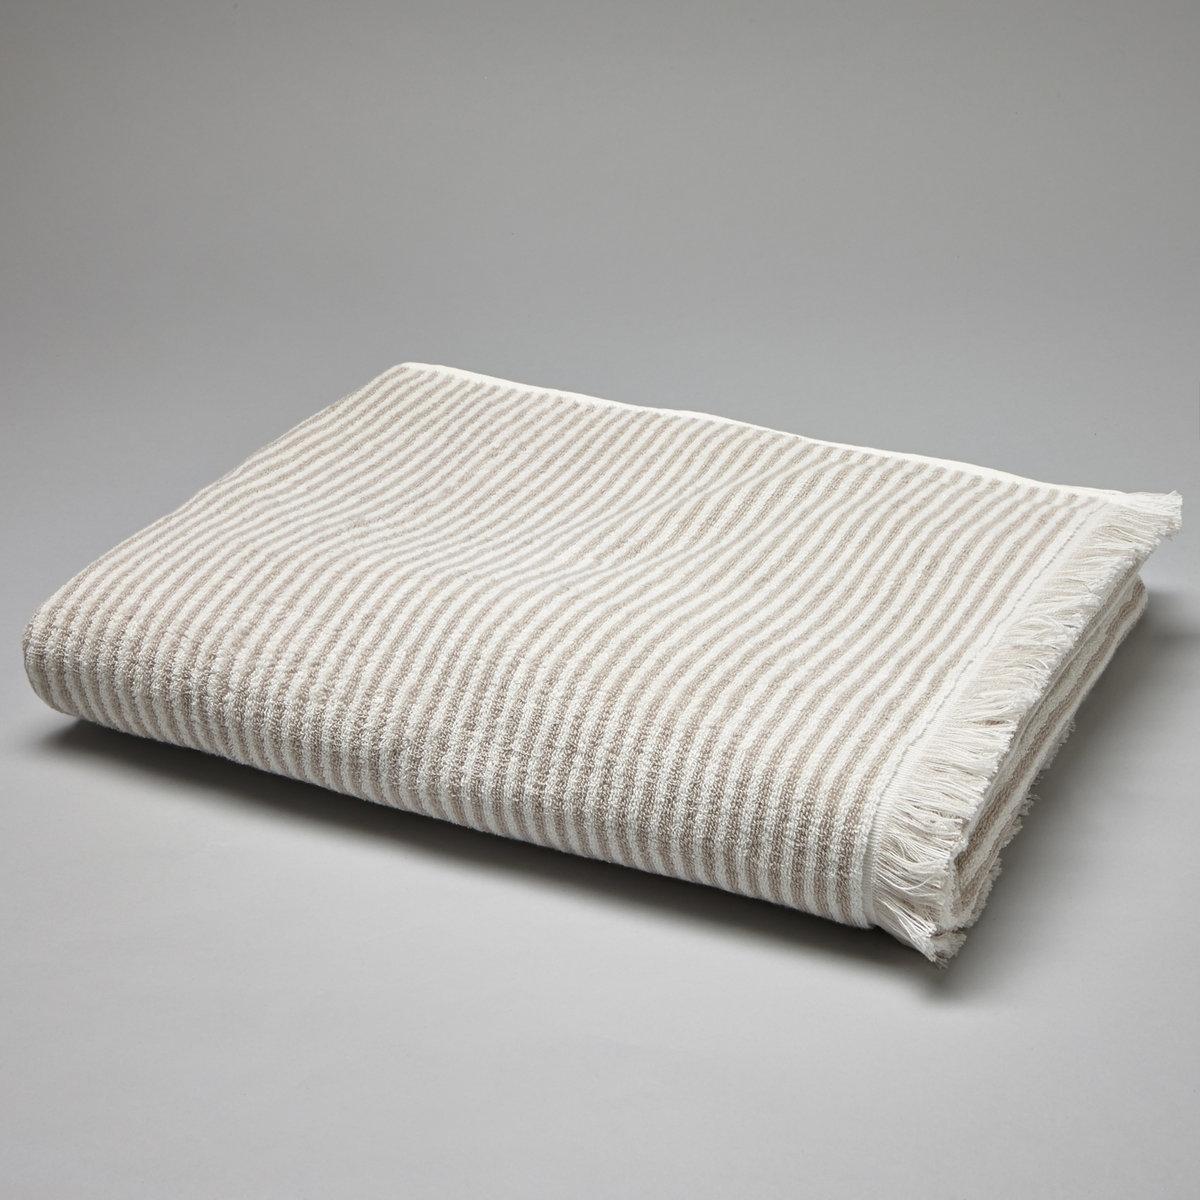 Полотенце банное в полоску из махровой ткани HARMONYОписание:Красивый и элегантный рисунок в полоску, банное полотенце из махровой ткани Harmony современных и оригинальных расцветок. Сделано в Португалии.Характеристики банного полотенца Harmony :Махровая ткань с жаккардовым рисунком, 100% хлопок, 500 г/м?.Рисунок в полоску на белом фоне, отделка бахромой.Машинная стирка при 60° и барабанная сушка.Размеры банного полотенца Harmony :70 x 140 смОткройте для себя всю коллекцию Harmony на сайте laredoute.ruЗнак Oeko-Tex® гарантирует, что товары протестированы и сертифицированы и не содержат вредных для здоровья веществ.<br><br>Цвет: желтый кукурузный,серо-бежевый,Серо-синий